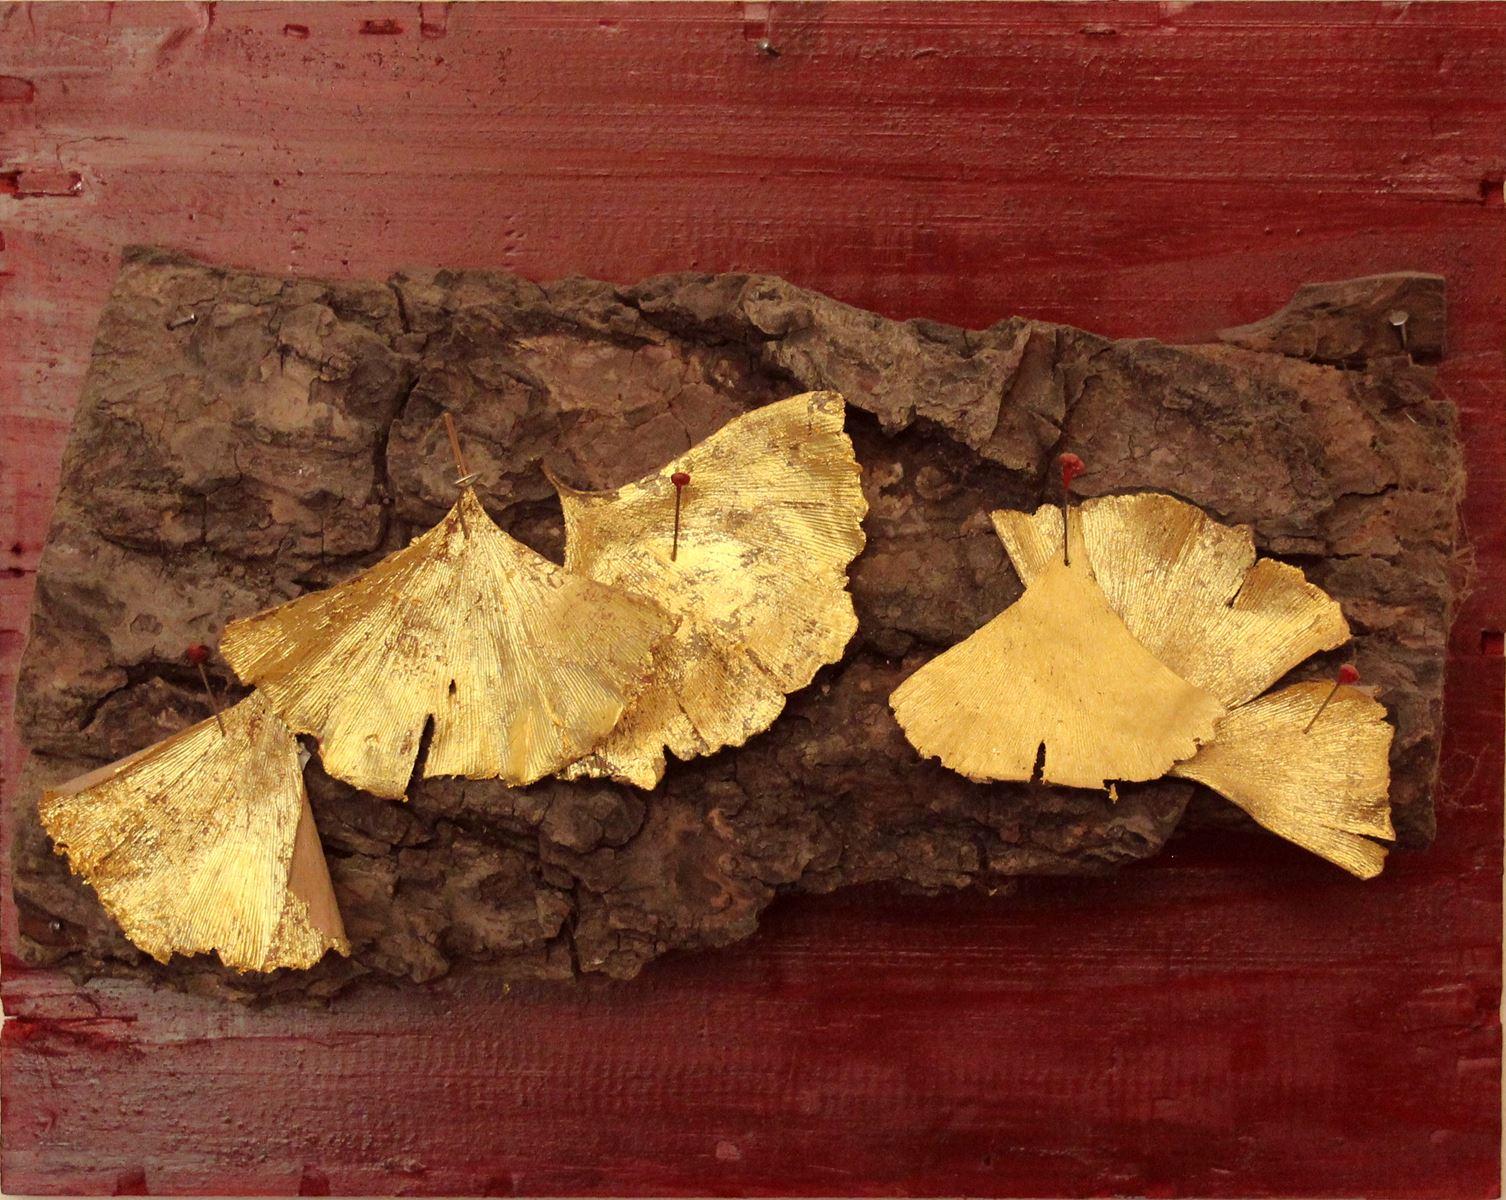 Fară titlu. Feuilles de gingko dorées à  l'or sur liège et bois. 26 x 33 cm